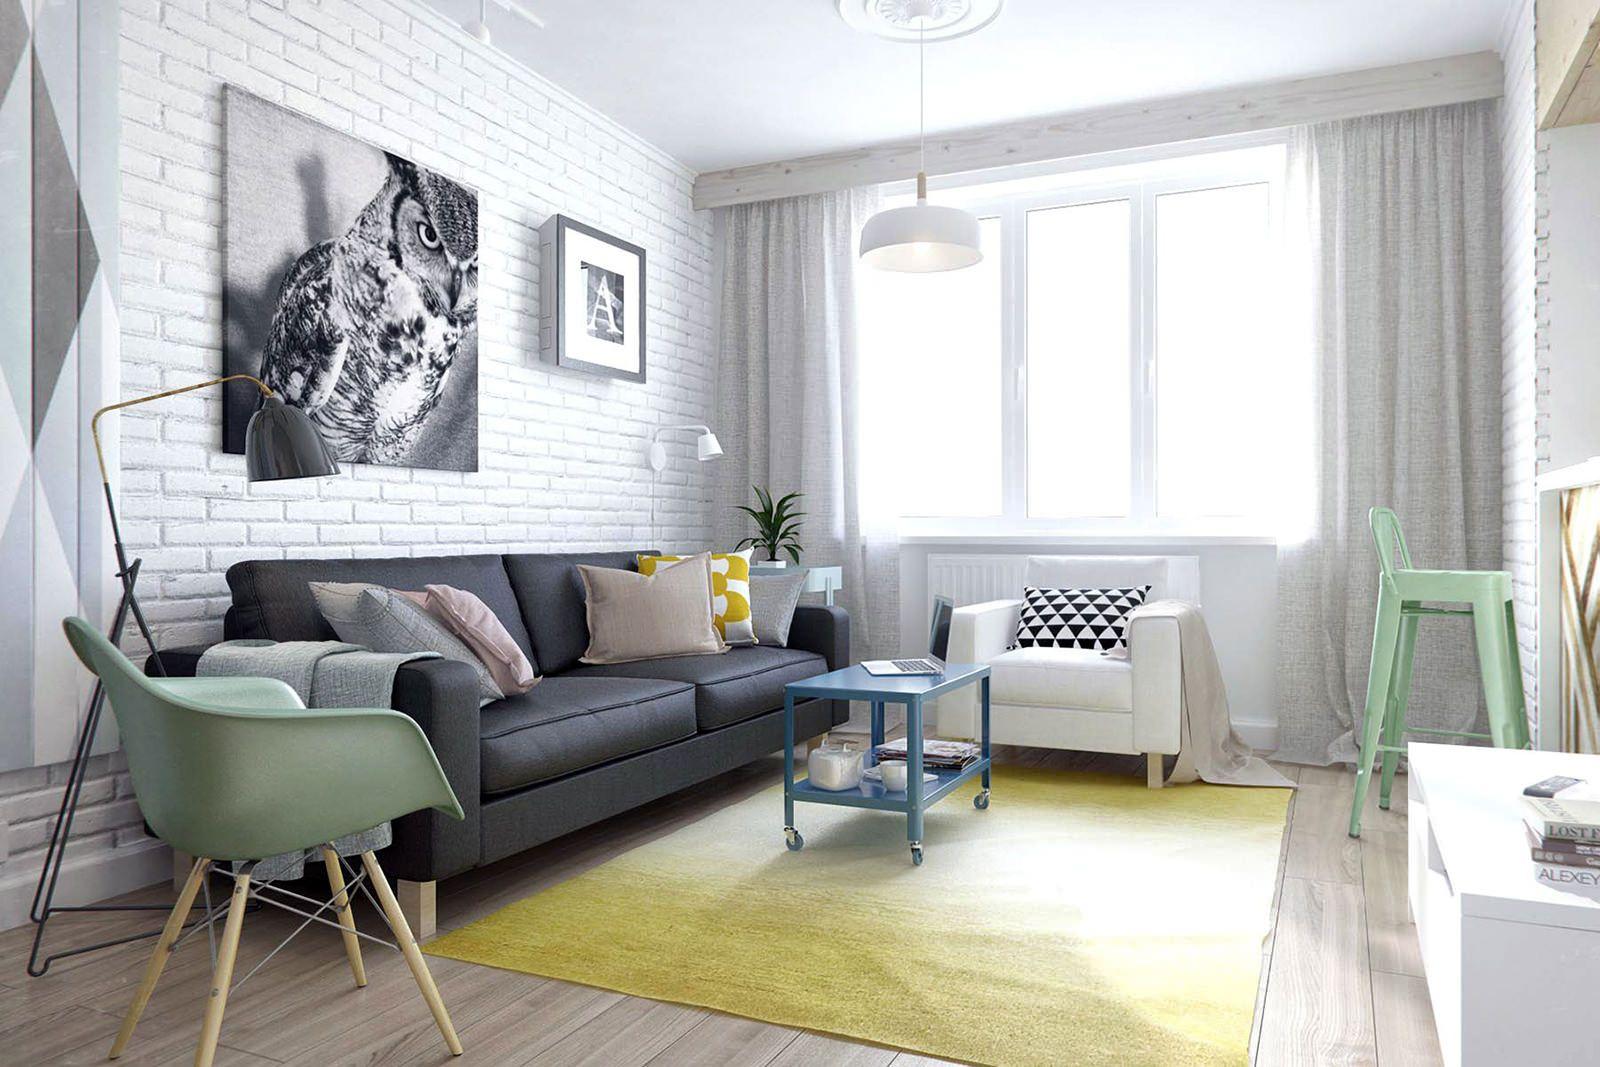 Белый кирпич в интерьере: особенности, фото | Гостиные лофт, Интерьер, Белая гостиная